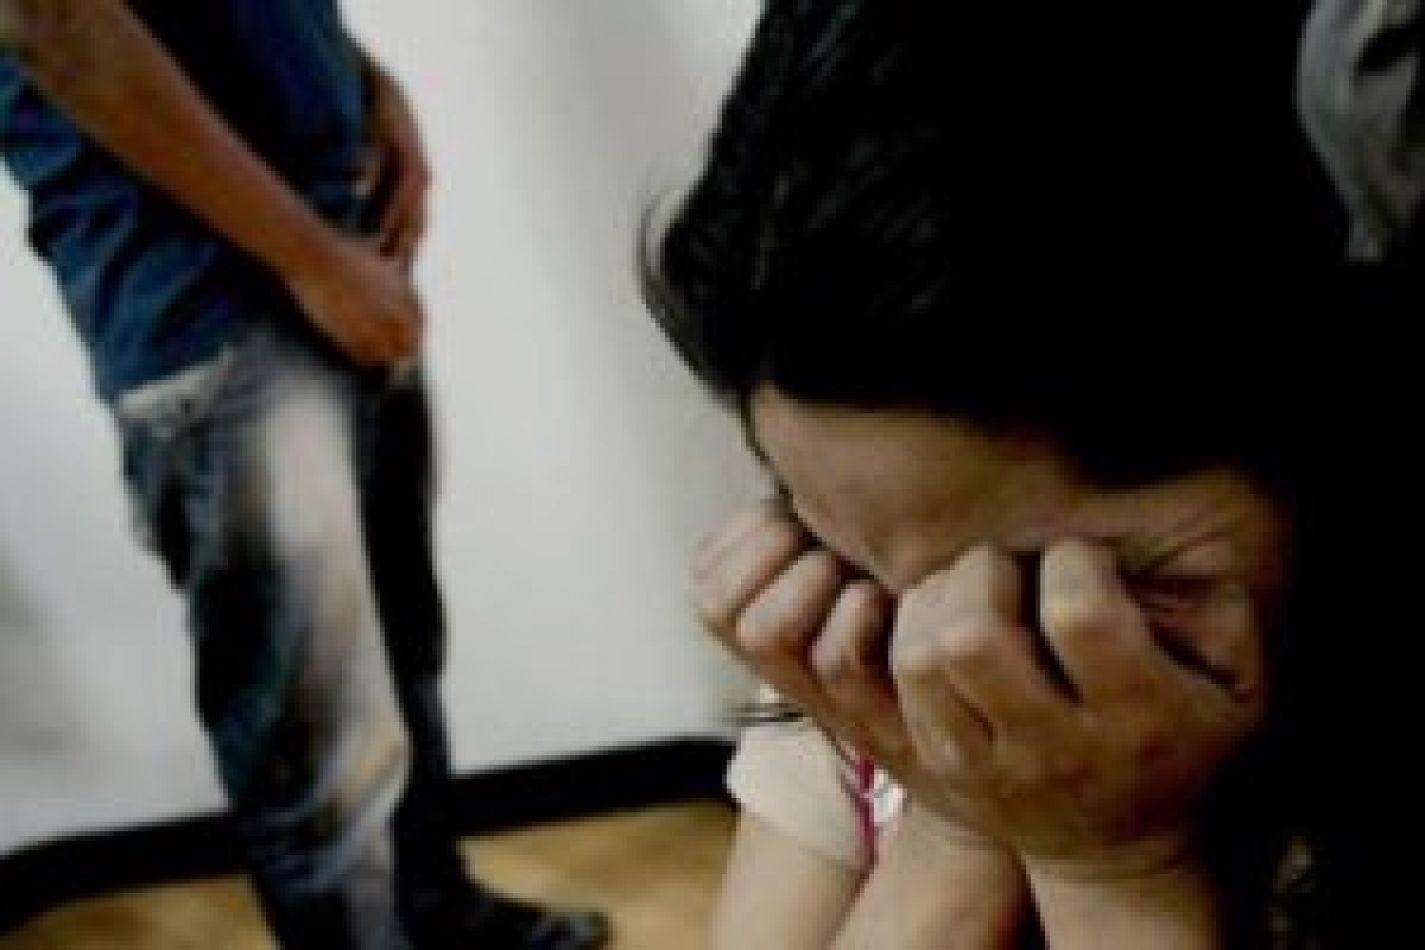 Padres serán juzgados por prostituir a sus hijas de 7 y 10 años